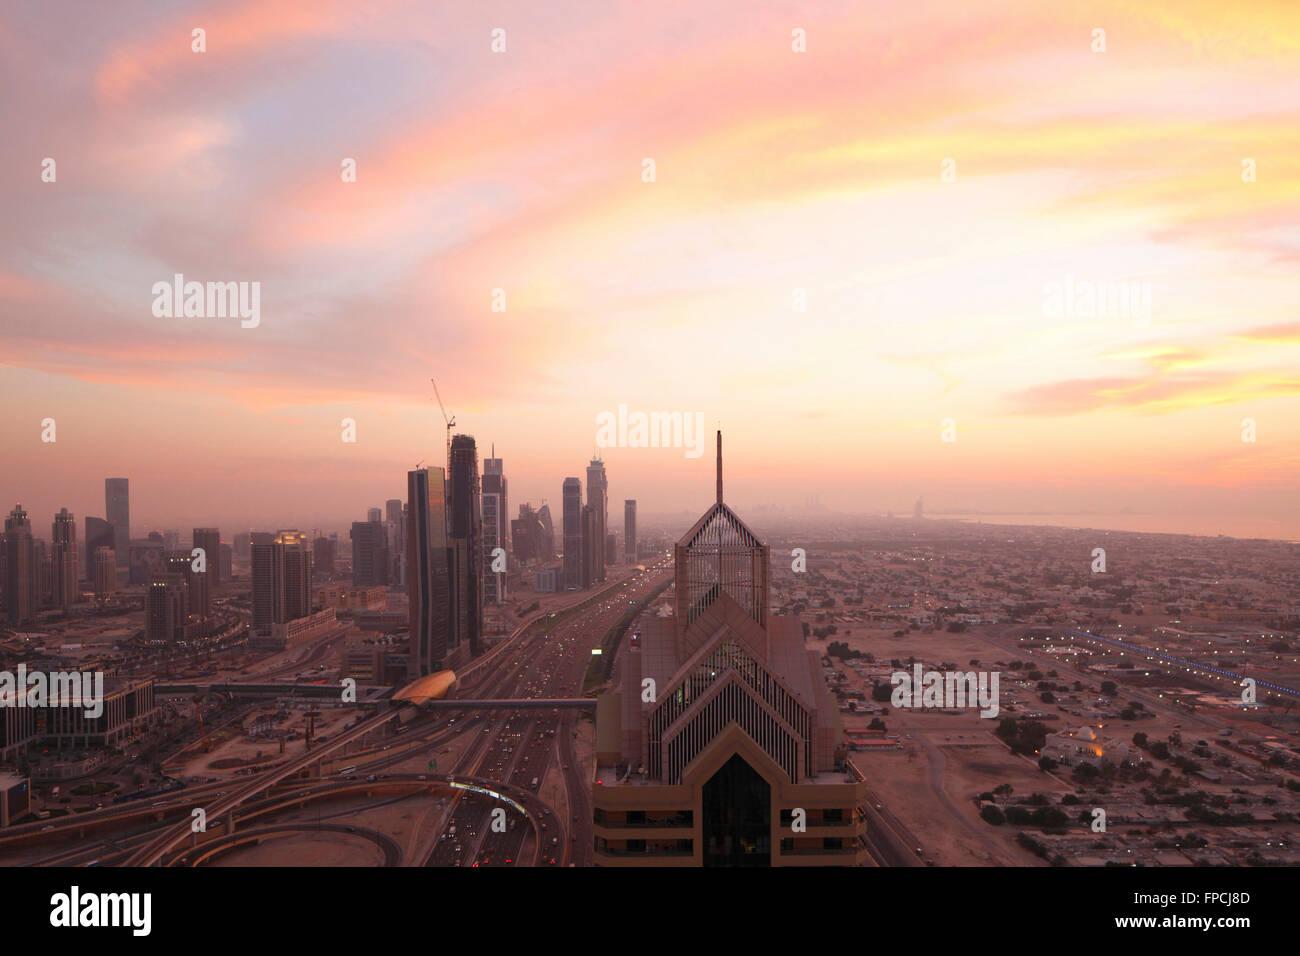 Un coucher de soleil sur Dubaï. Montrant la ville avec les gratte-ciel en vue. Photo Stock